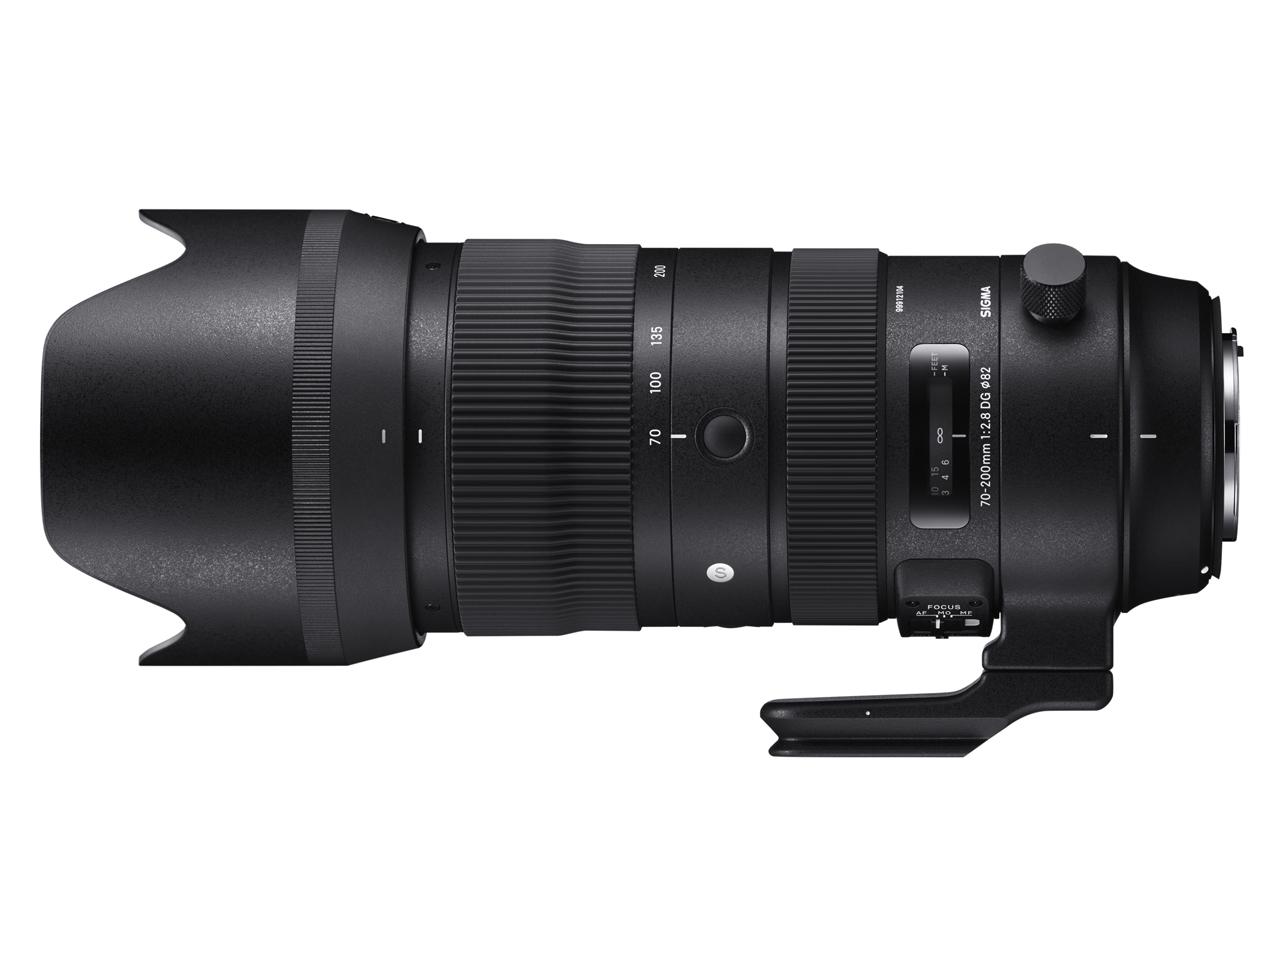 70-200mm F2.8 DG OS HSM [キヤノン用] の製品画像